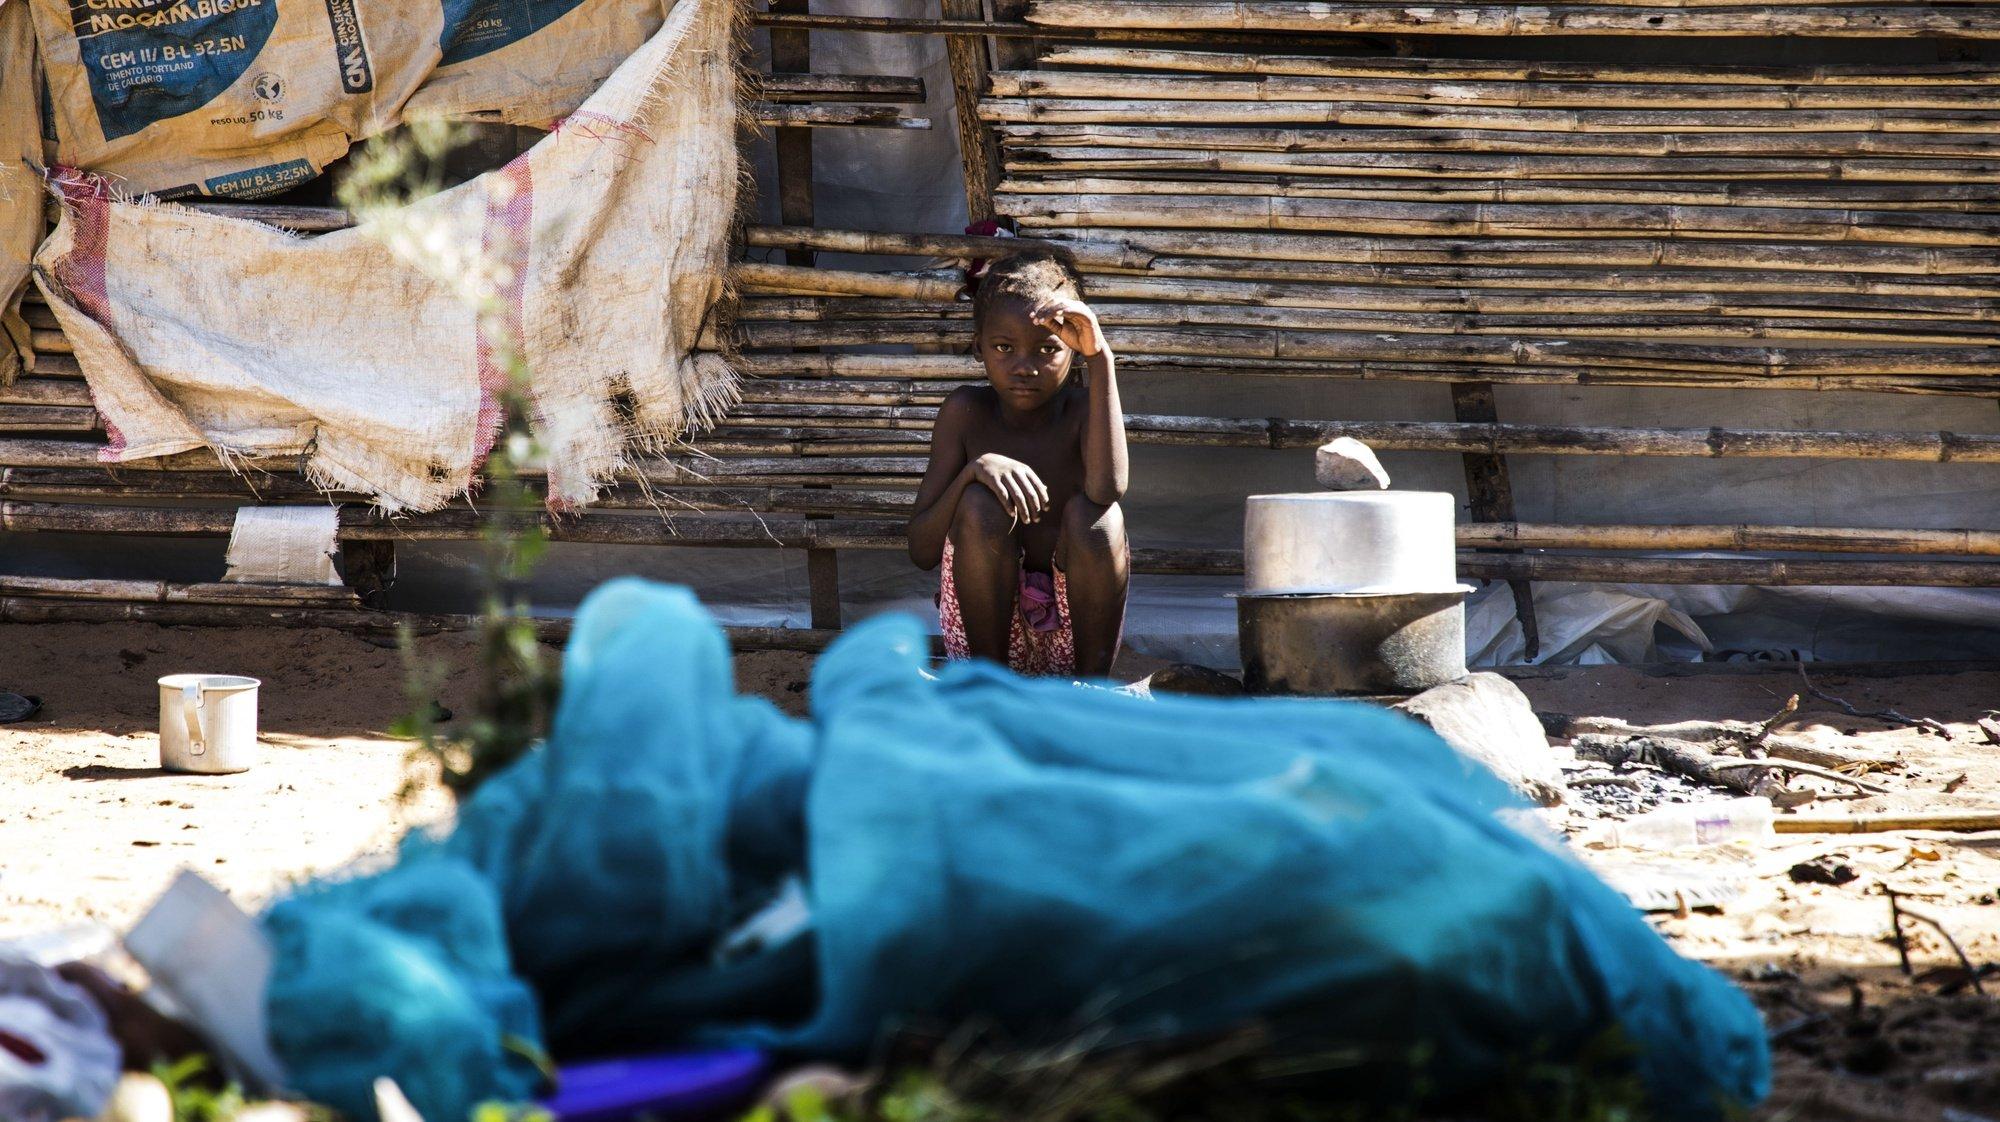 Uma criança da família de Vicente Tiago (ausente da foto) que conta 30 pessoas que fugiram dos ataques armados de Muidumbe, Cabo Delgado, e se refugiaram numa pequena casa precária na zona de Chiuba, Cidade de Pemba, 21 de julho de 2020. É uma de milhares de famílias que carecem de ajuda alimentar na crise humanitária que afeta a província do norte de Moçambique.  (ACOMPANHA TEXTO DE 22/07/2020) RICARDO FRANCO/LUSA